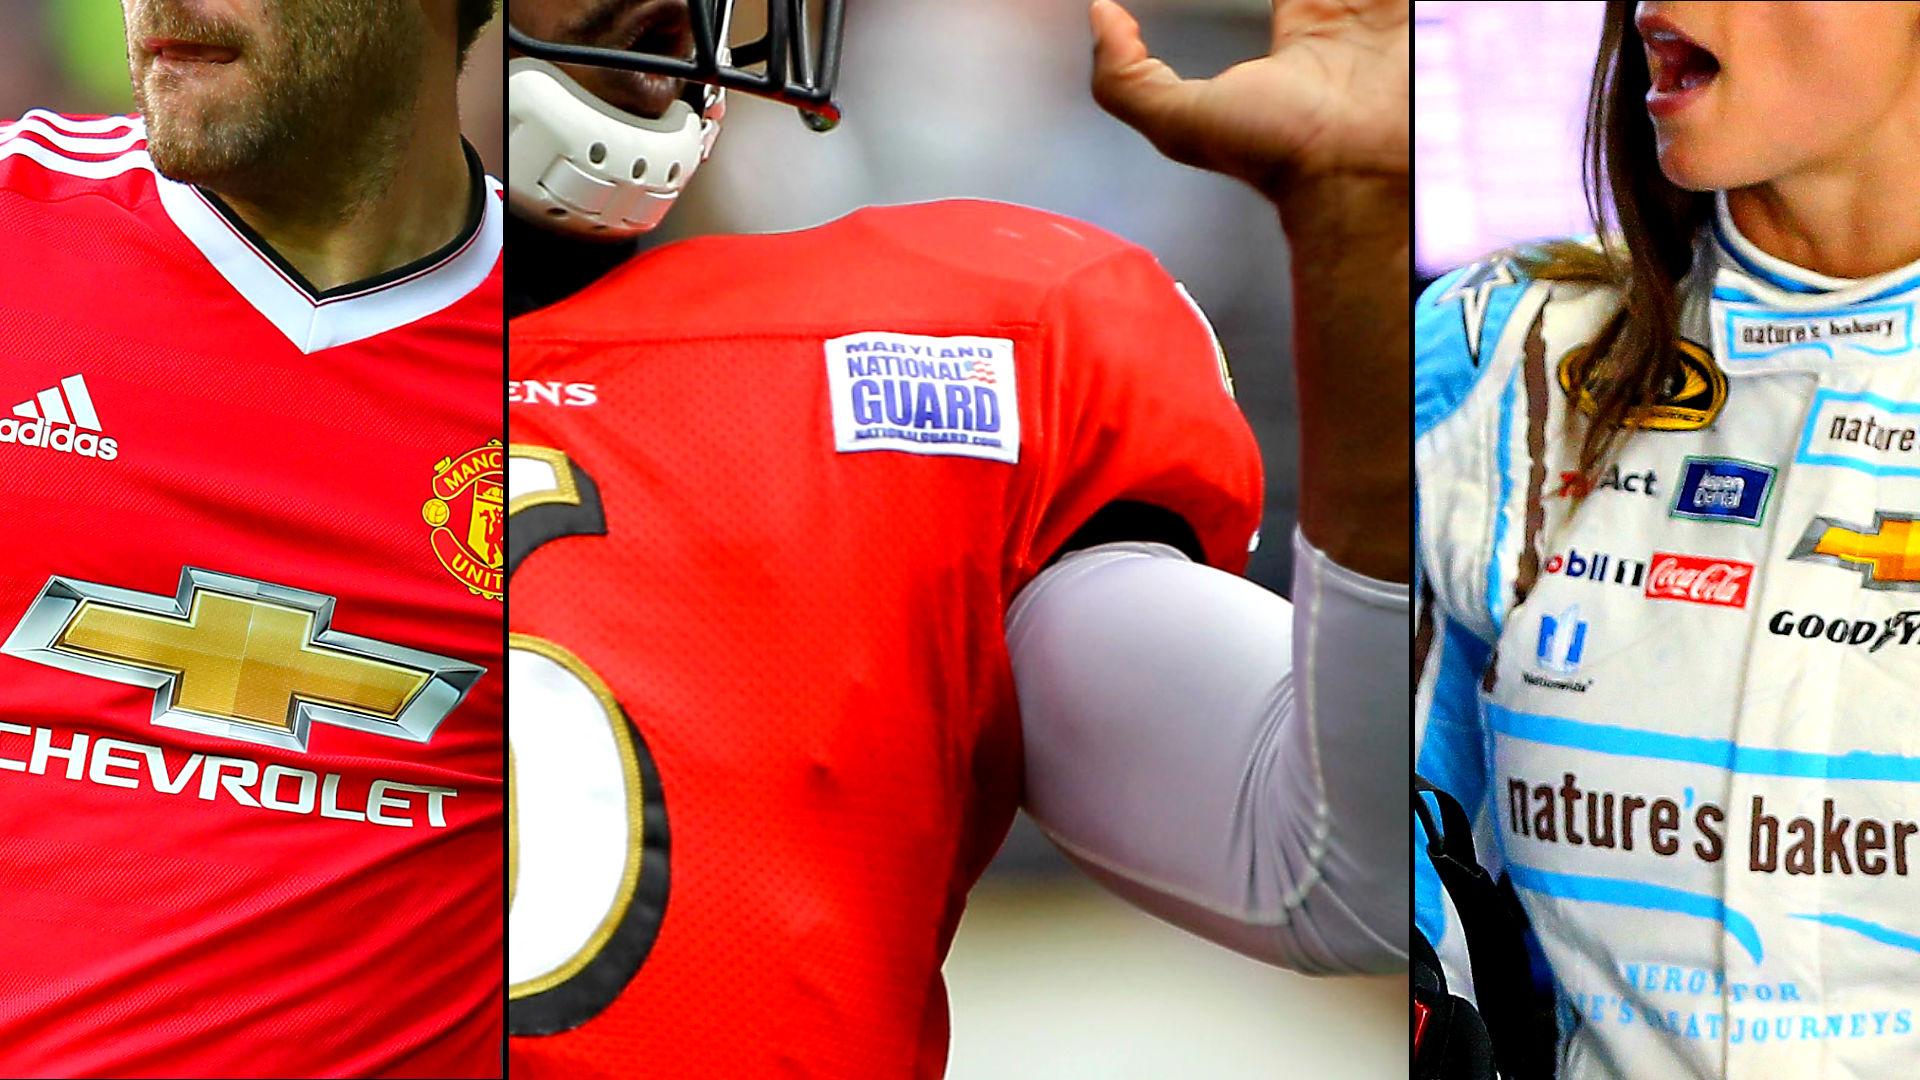 ads on nhl jerseys